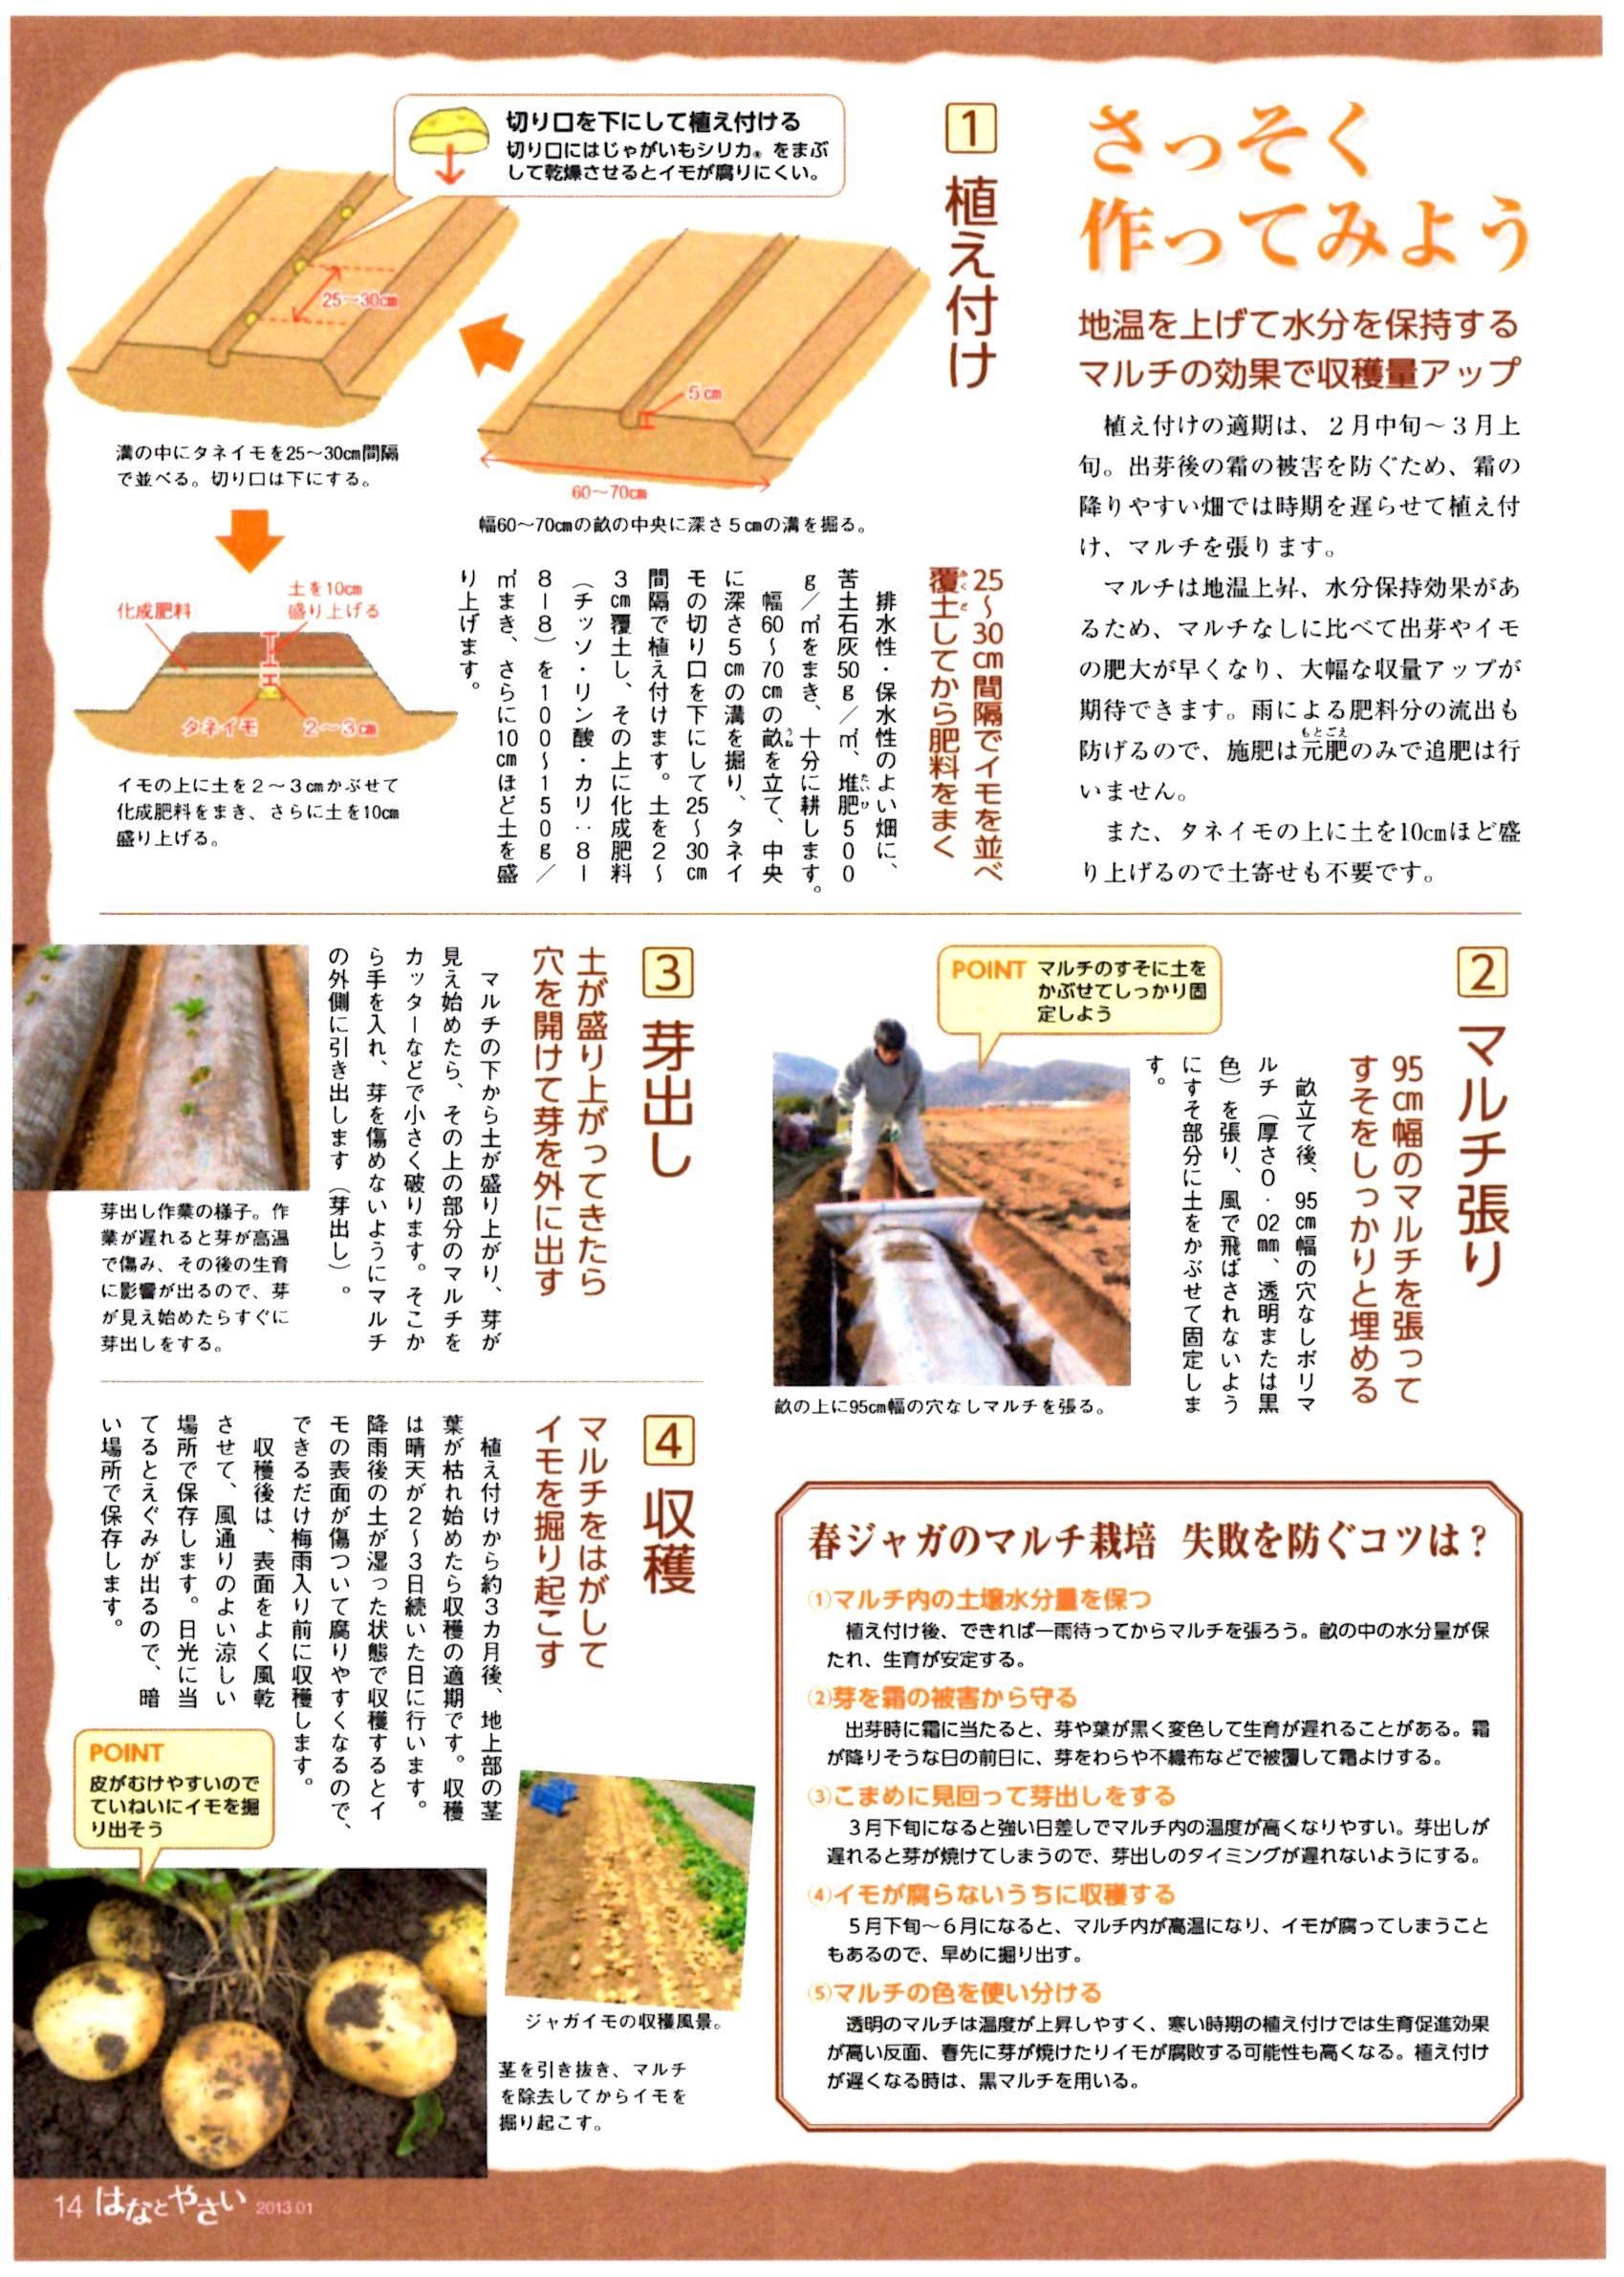 bareisyo-tsukurikata2.jpg